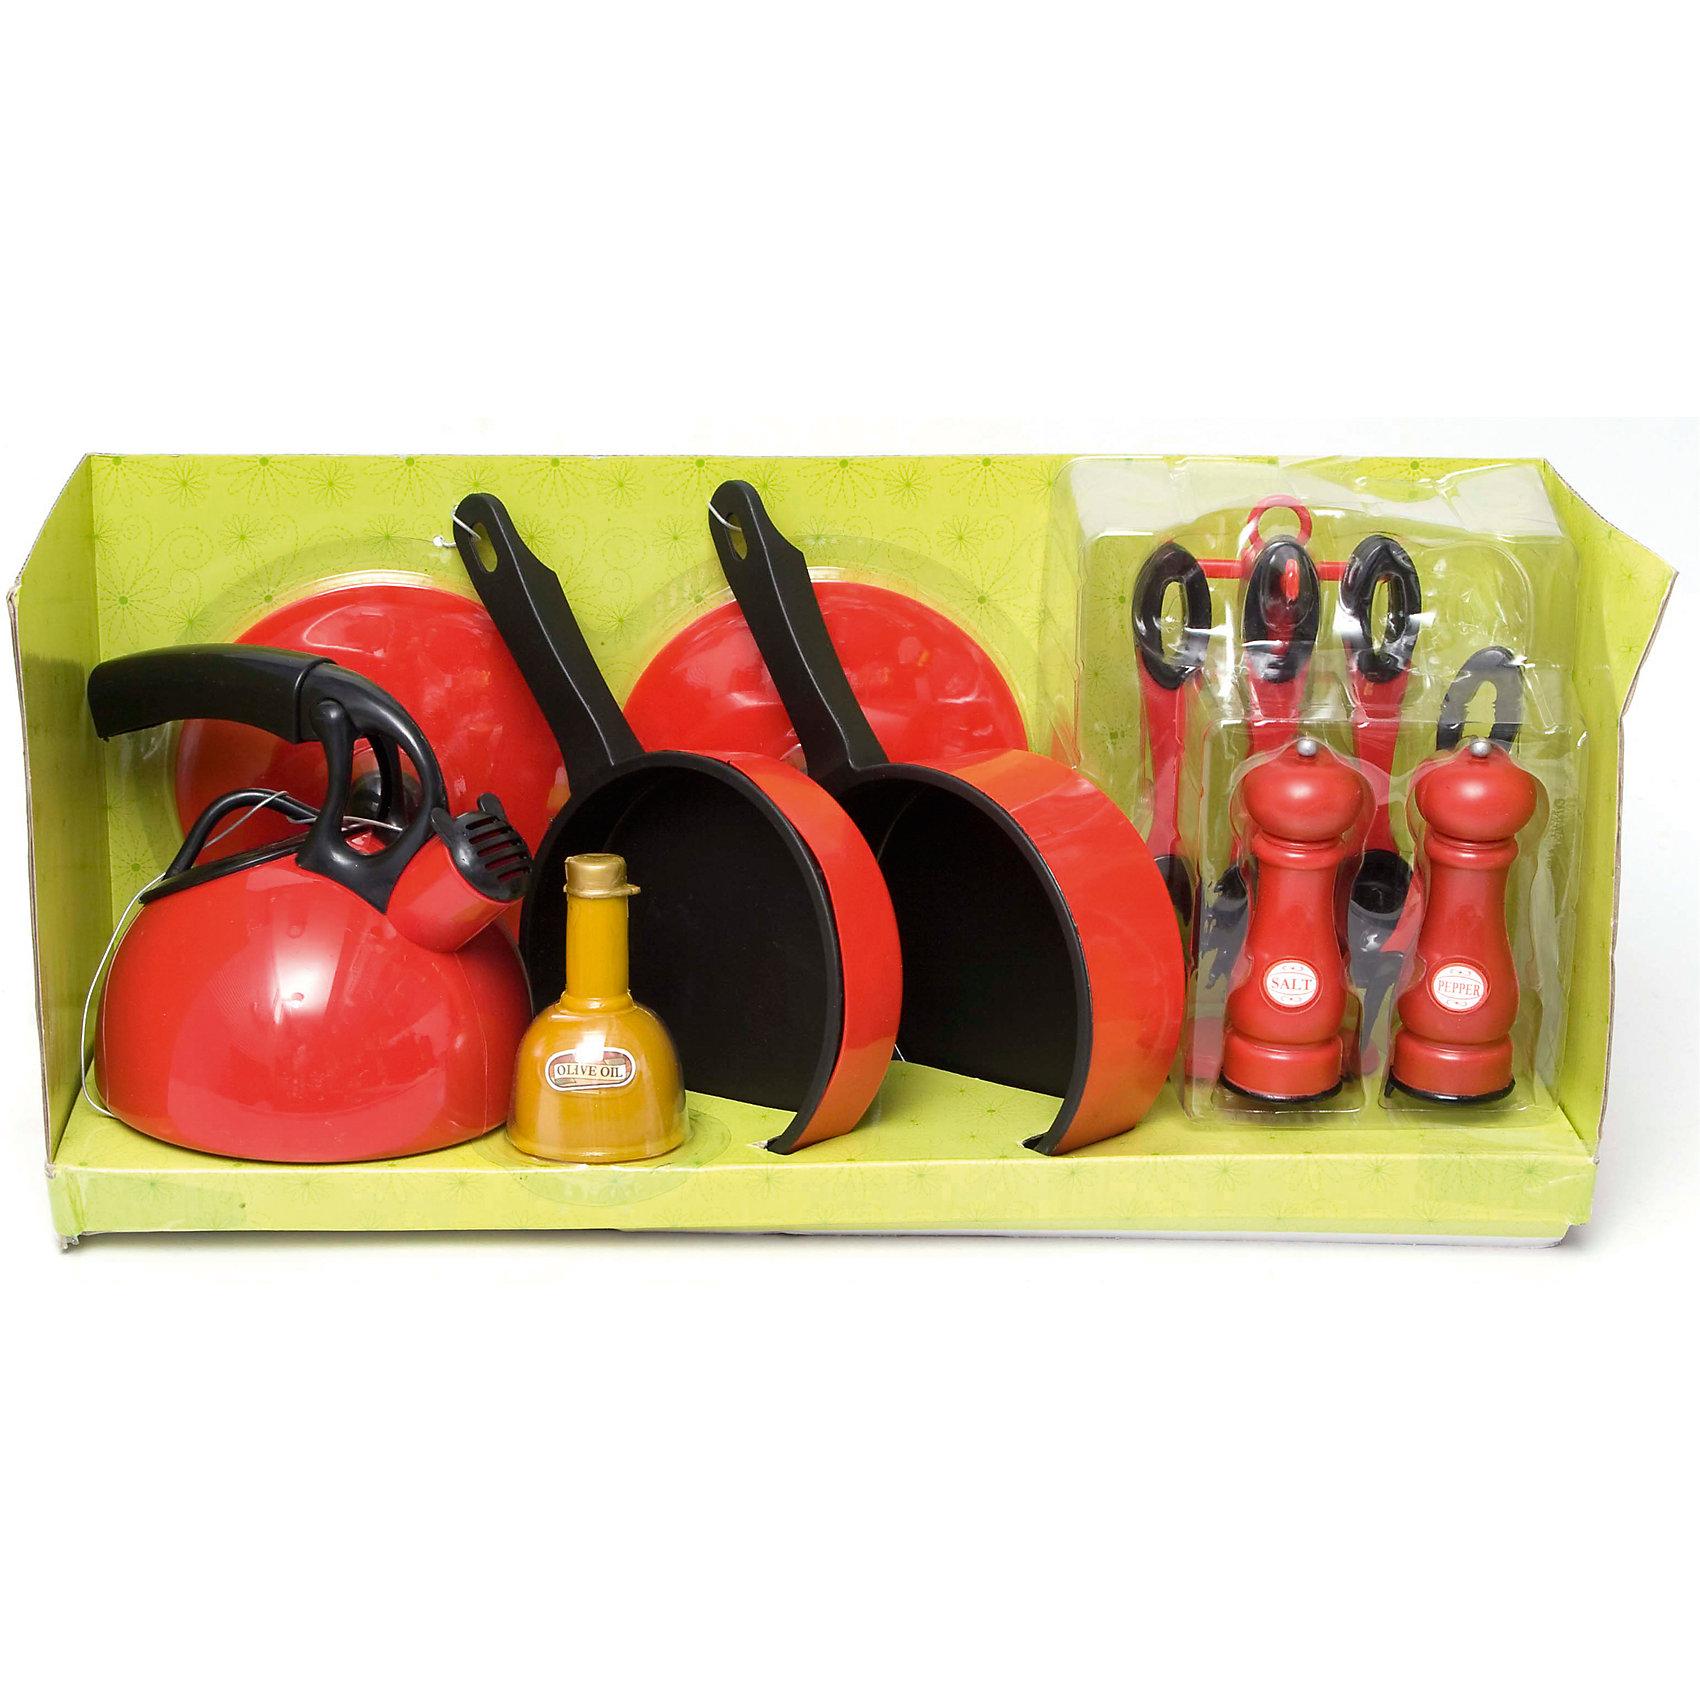 Кухонная посуда, 14 предметов, BoleyПосуда и аксессуары для детской кухни<br>Кухонная посуда, 14 предметов, Boley (Болей).<br><br>Характеристики:<br><br>• Вес: 800 г.<br>• Размер упаковки: 41,2 х 13,1 х 18,7 см.<br>• Цвет: красный, черный.<br>• Материал: пластик.<br><br>Замечательный набор кухонной посуды от бренда Boley (Болей) - станет отличным подарком для каждой девочки к любому празднику! С ним девочка сможет затеять увлекательную сюжетно-ролевую игру и почувствовать себя настоящей хозяюшкой, приготовить вкусный ужин для своих кукол. В комплект включены 14 предметов - 2 сковороды с крышками, чайник, 2 емкости для специй и другие. Посуда тщательно детализирована. Все предметы выполнены из высококачественных, экологически чистых материалов, совершенно безопасных для ребенка. Играя с таким набором, ребенок осваивает  сюжетно –ролевые игры. Порадуйте  свою маленькую хозяйку, подарив ей такой набор кухонной посуды!<br><br>Кухонную посуду, 14 предметов, Boley (Болей), можно купить в нашем интернет- магазине.<br><br>Ширина мм: 420<br>Глубина мм: 190<br>Высота мм: 130<br>Вес г: 795<br>Возраст от месяцев: 36<br>Возраст до месяцев: 2147483647<br>Пол: Женский<br>Возраст: Детский<br>SKU: 5185771